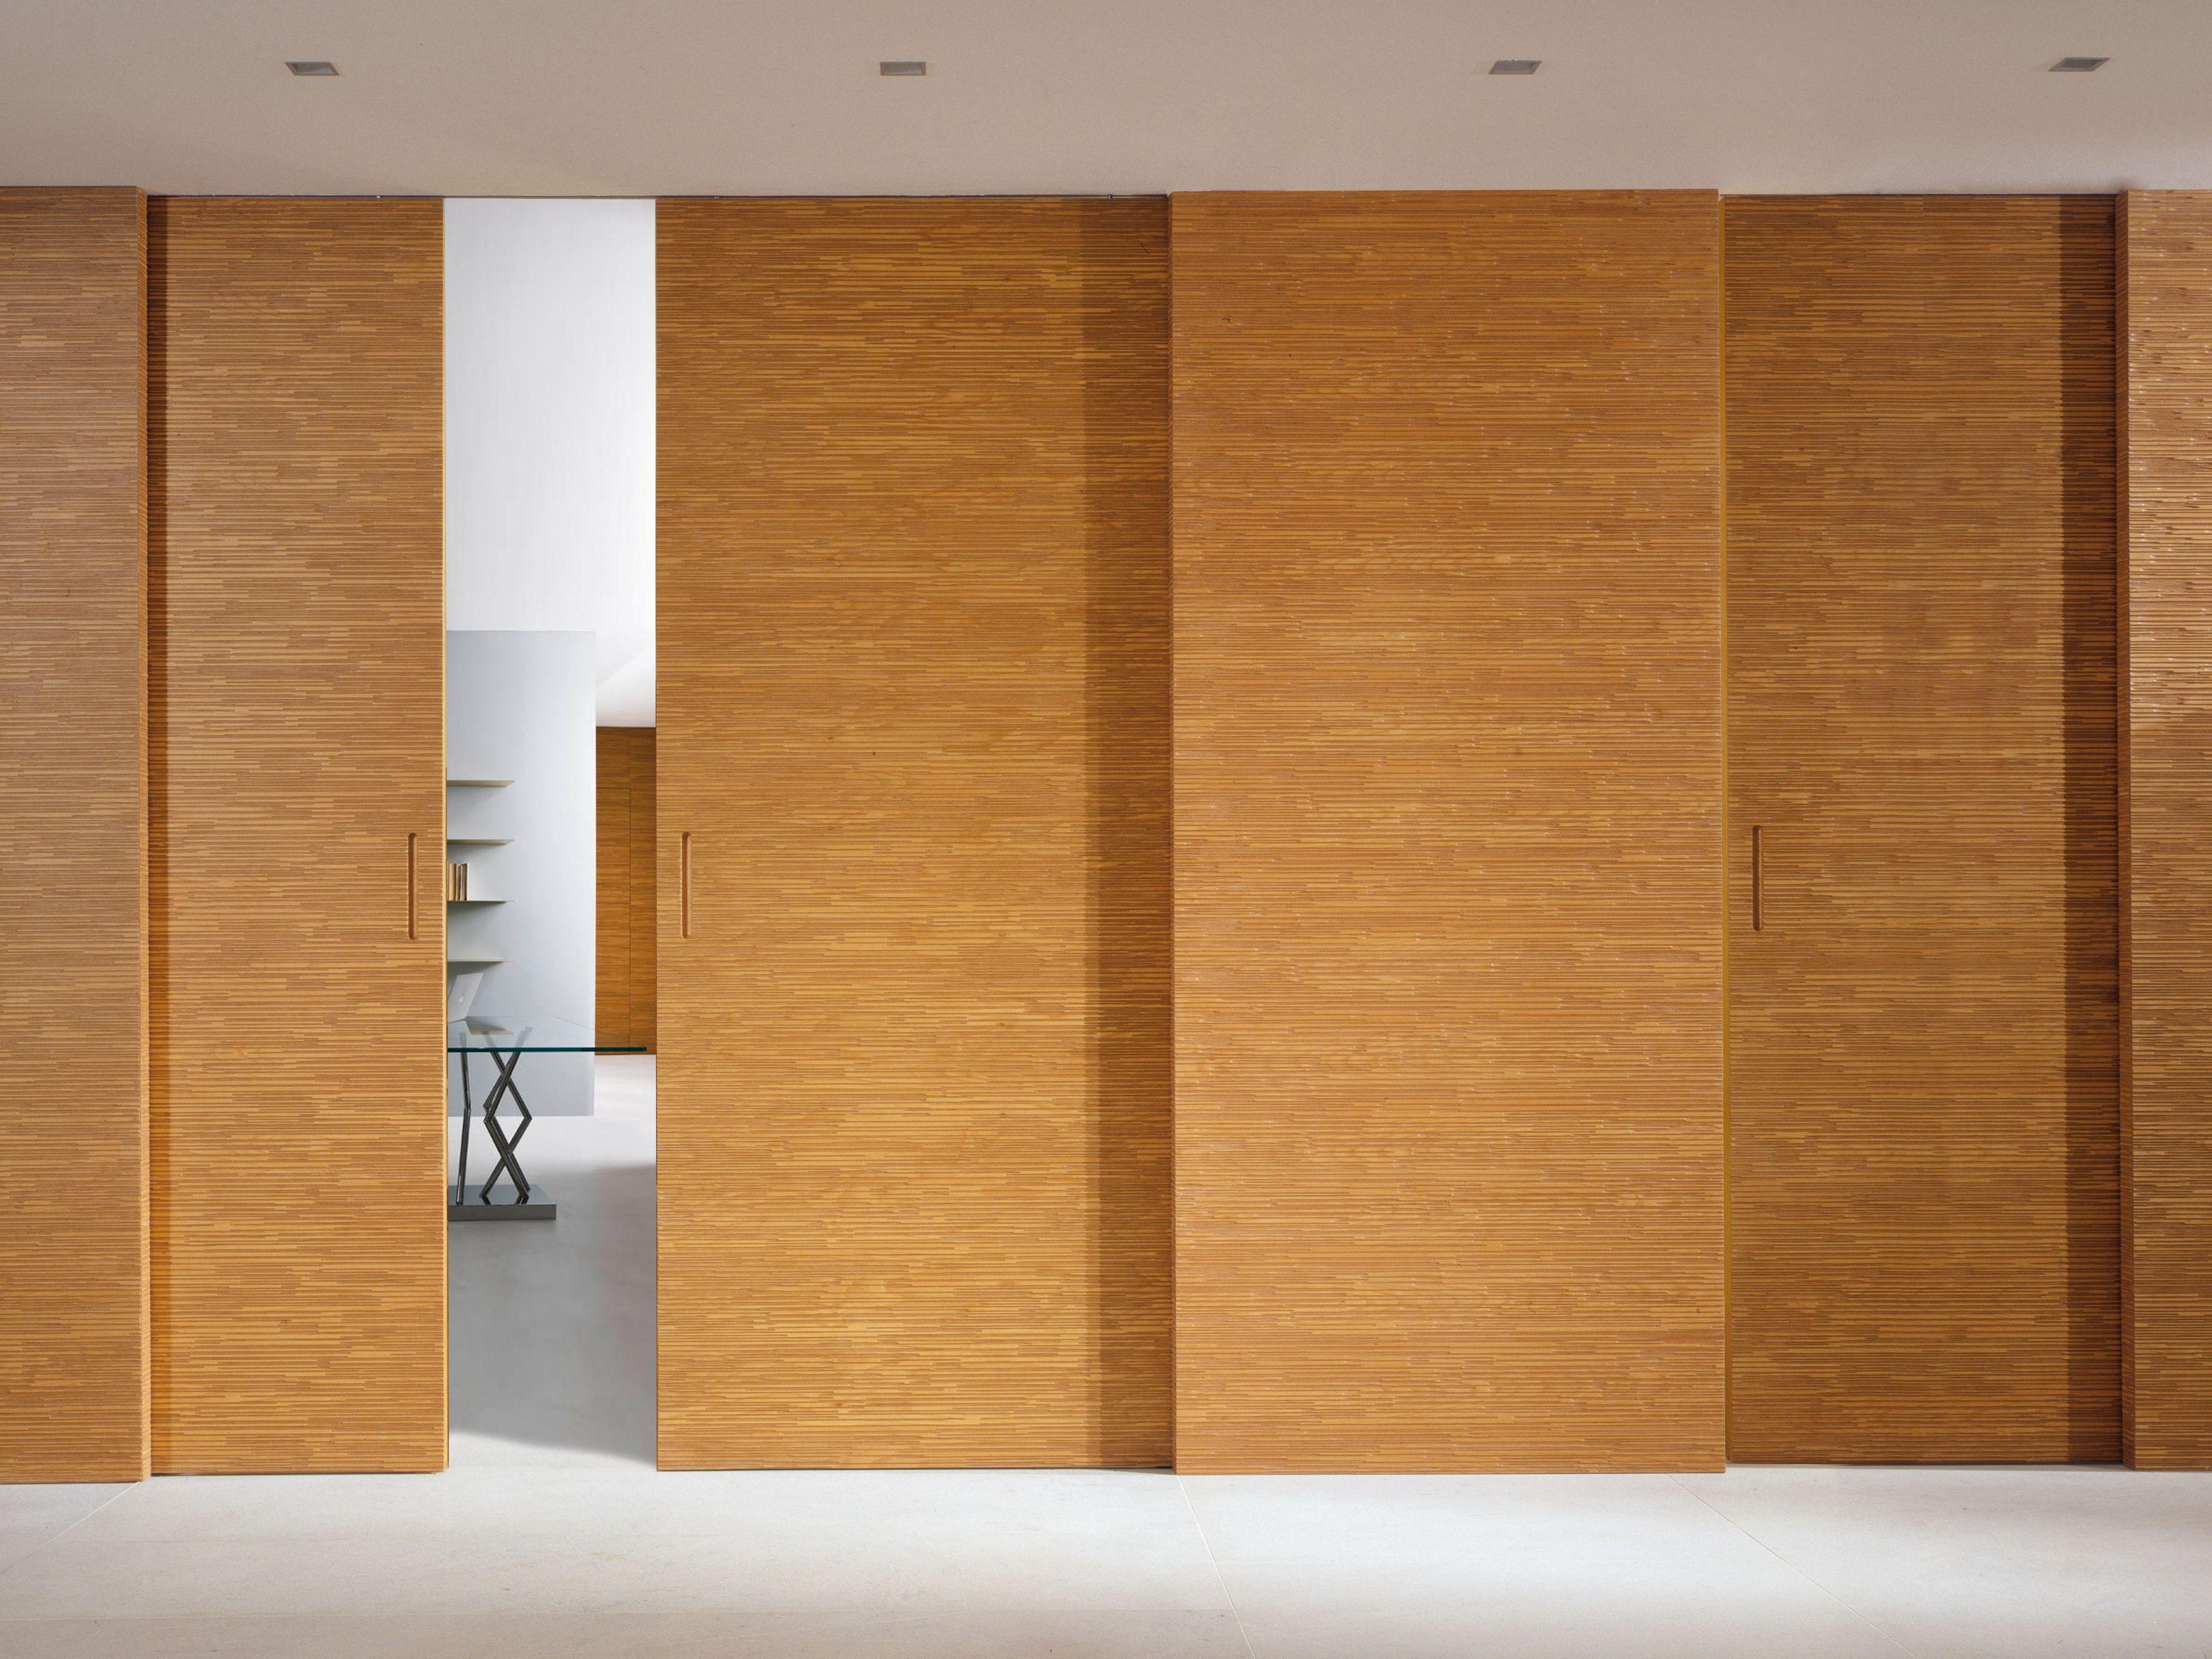 Porta scorrevole senza telaio bd 16s collezione decor by laurameroni design bartoli design - Telaio porta scorrevole ...